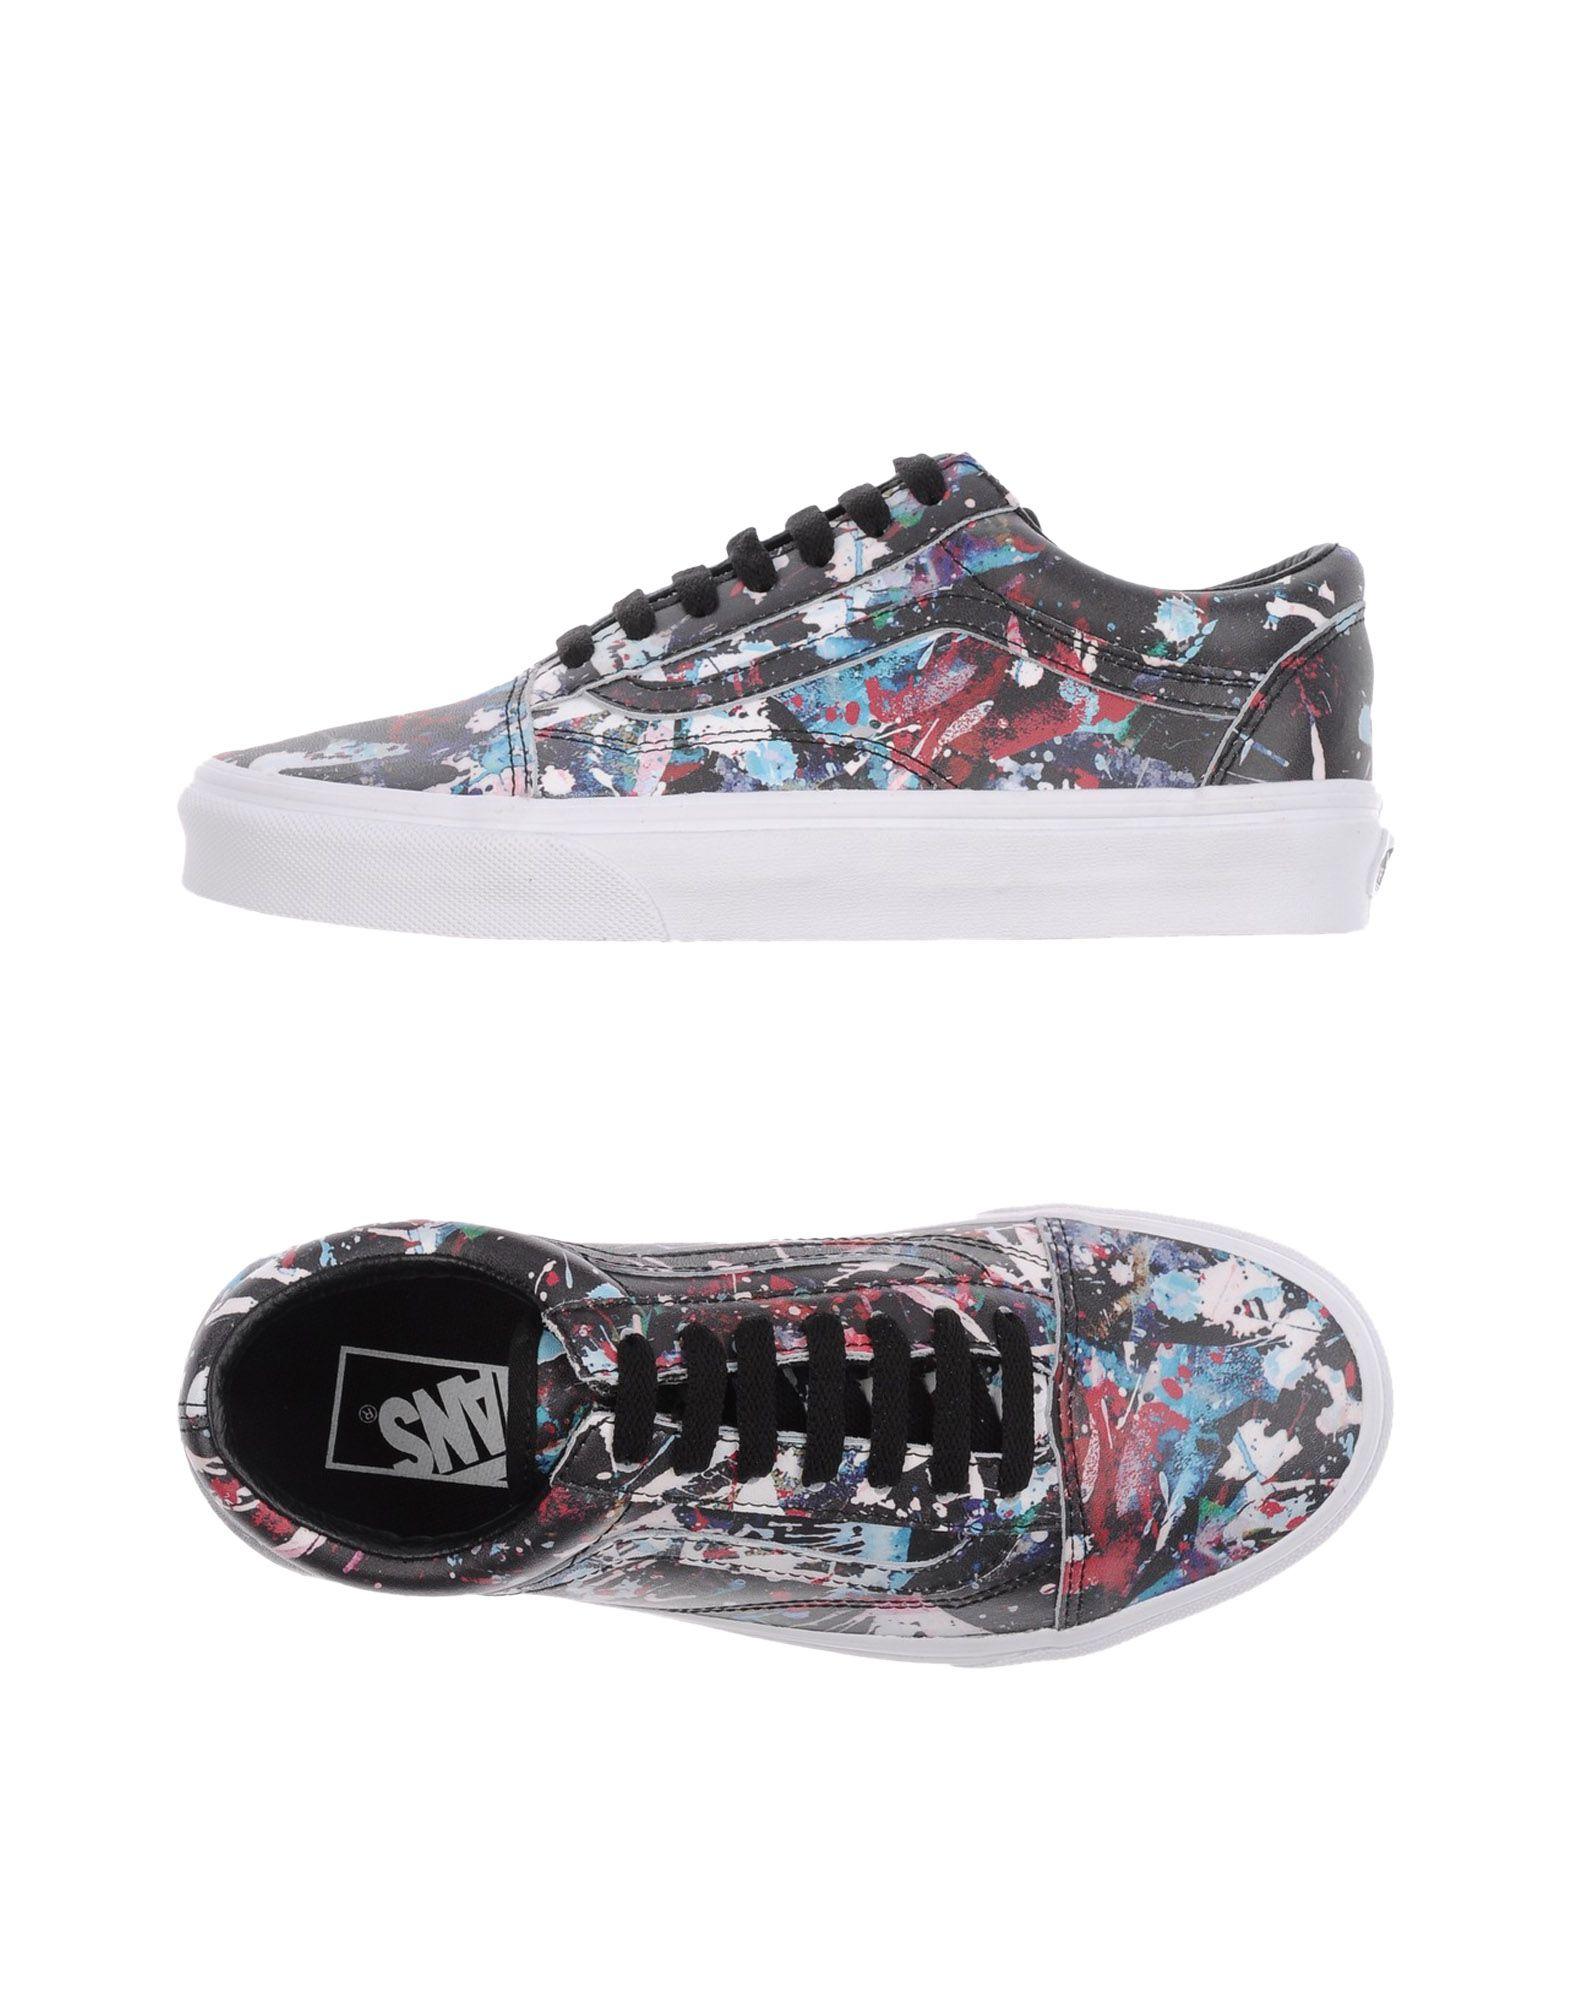 Vans Sneakers Damen  11235382GW Gute Qualität beliebte Schuhe